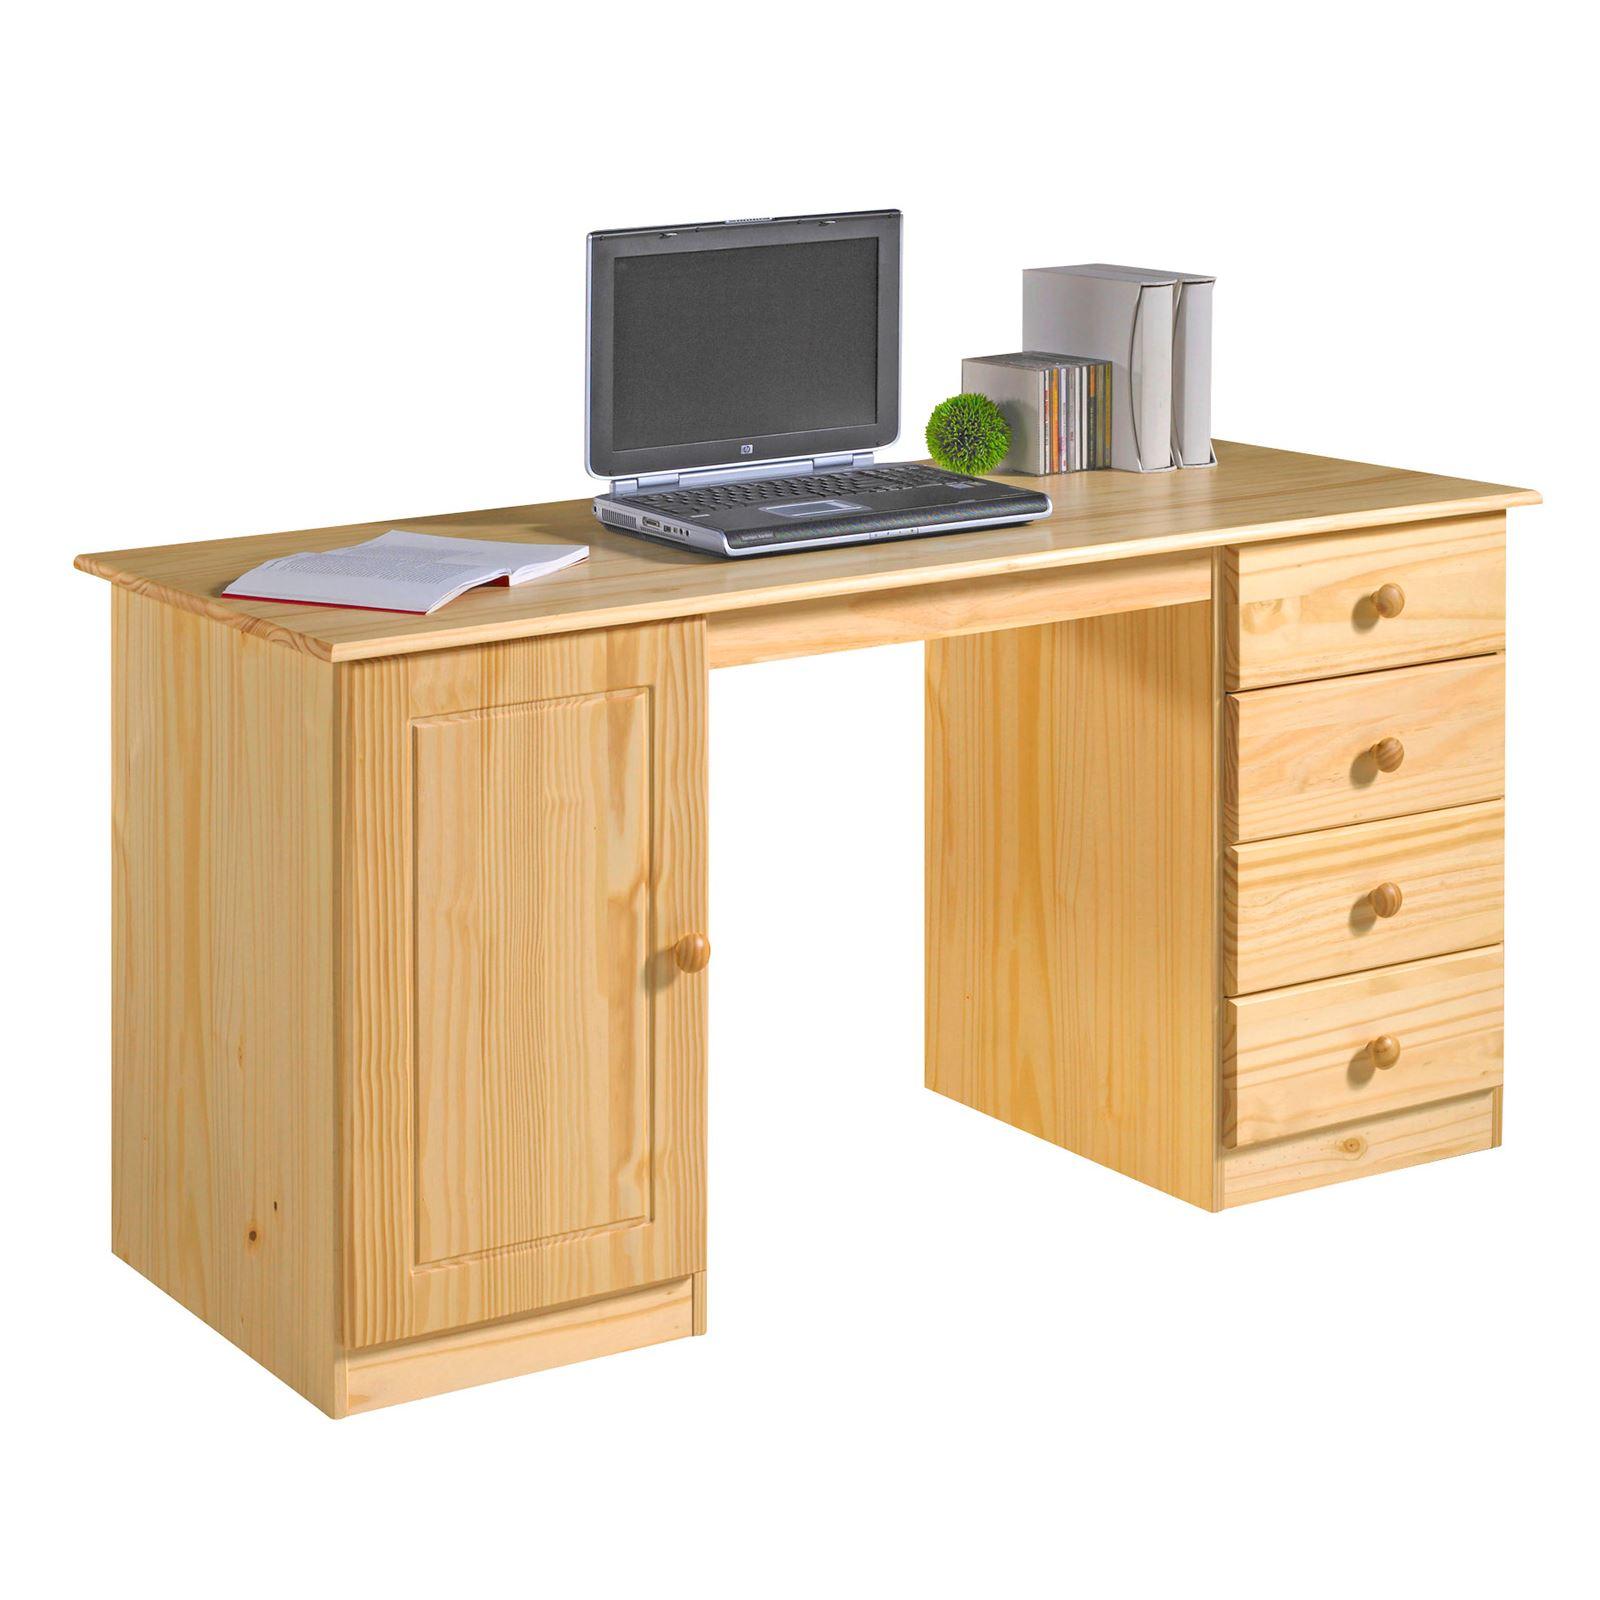 schreibtisch computertisch pc schreibtisch kiefer massiv in mehreren farben ebay. Black Bedroom Furniture Sets. Home Design Ideas